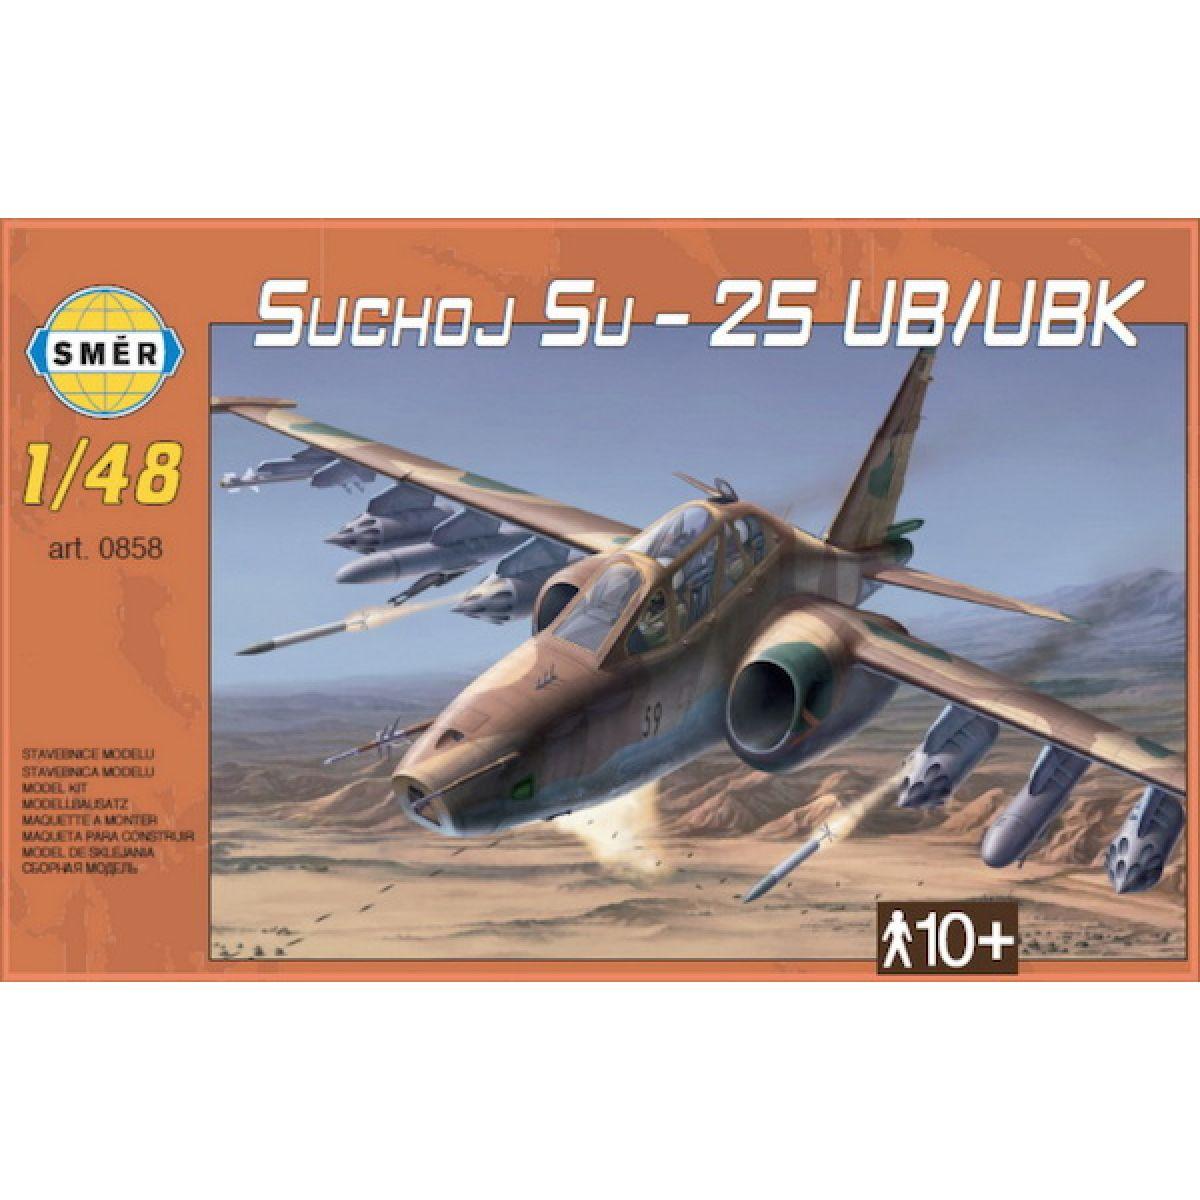 Směr Suchoj SU-25 UB UBK